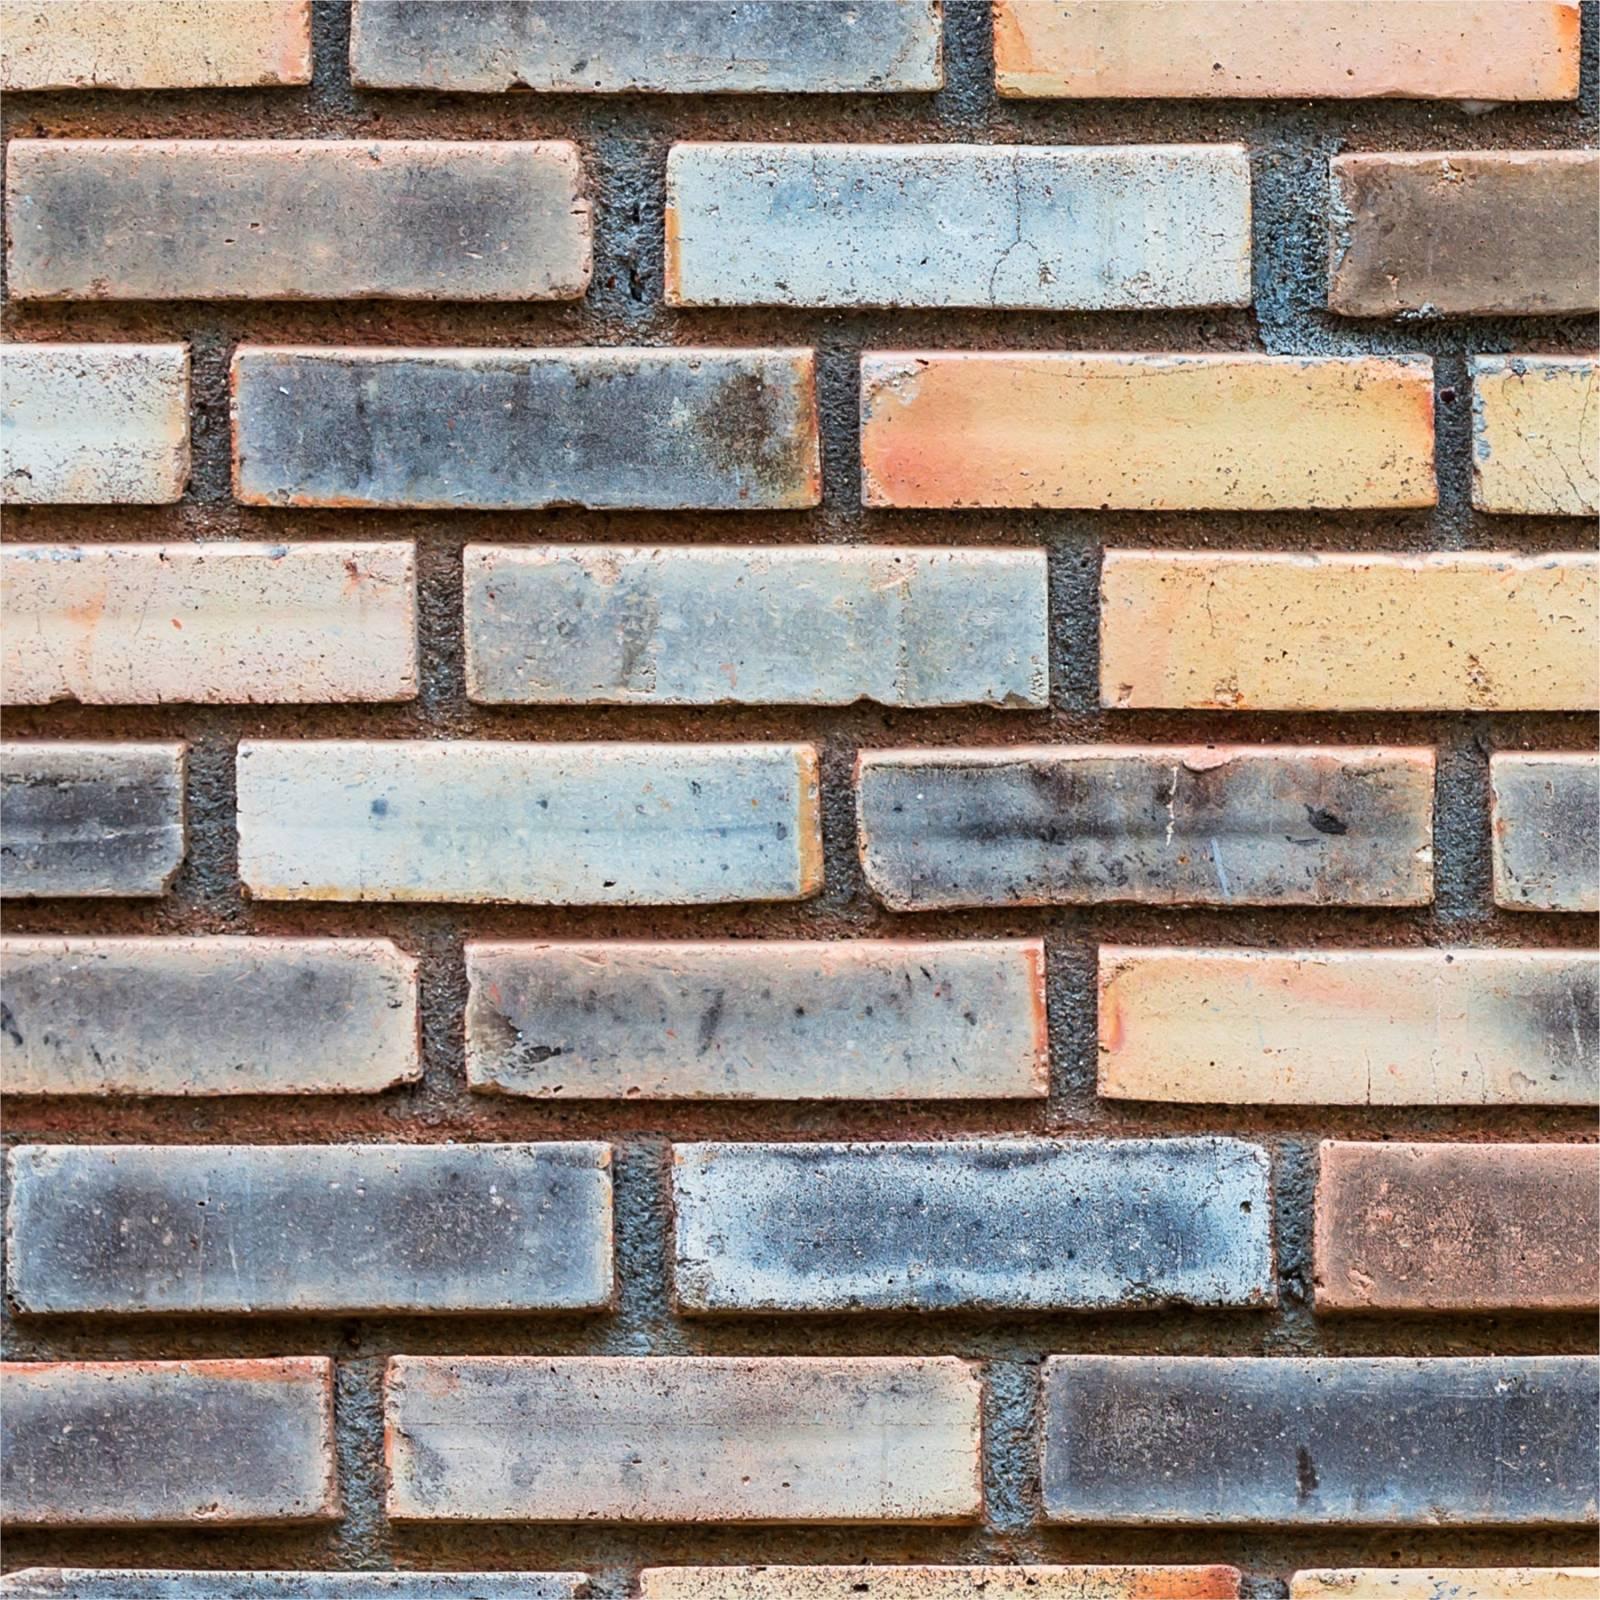 Papel de Parede Tijolo Colorido | Adesivo Vinilico imagem 2